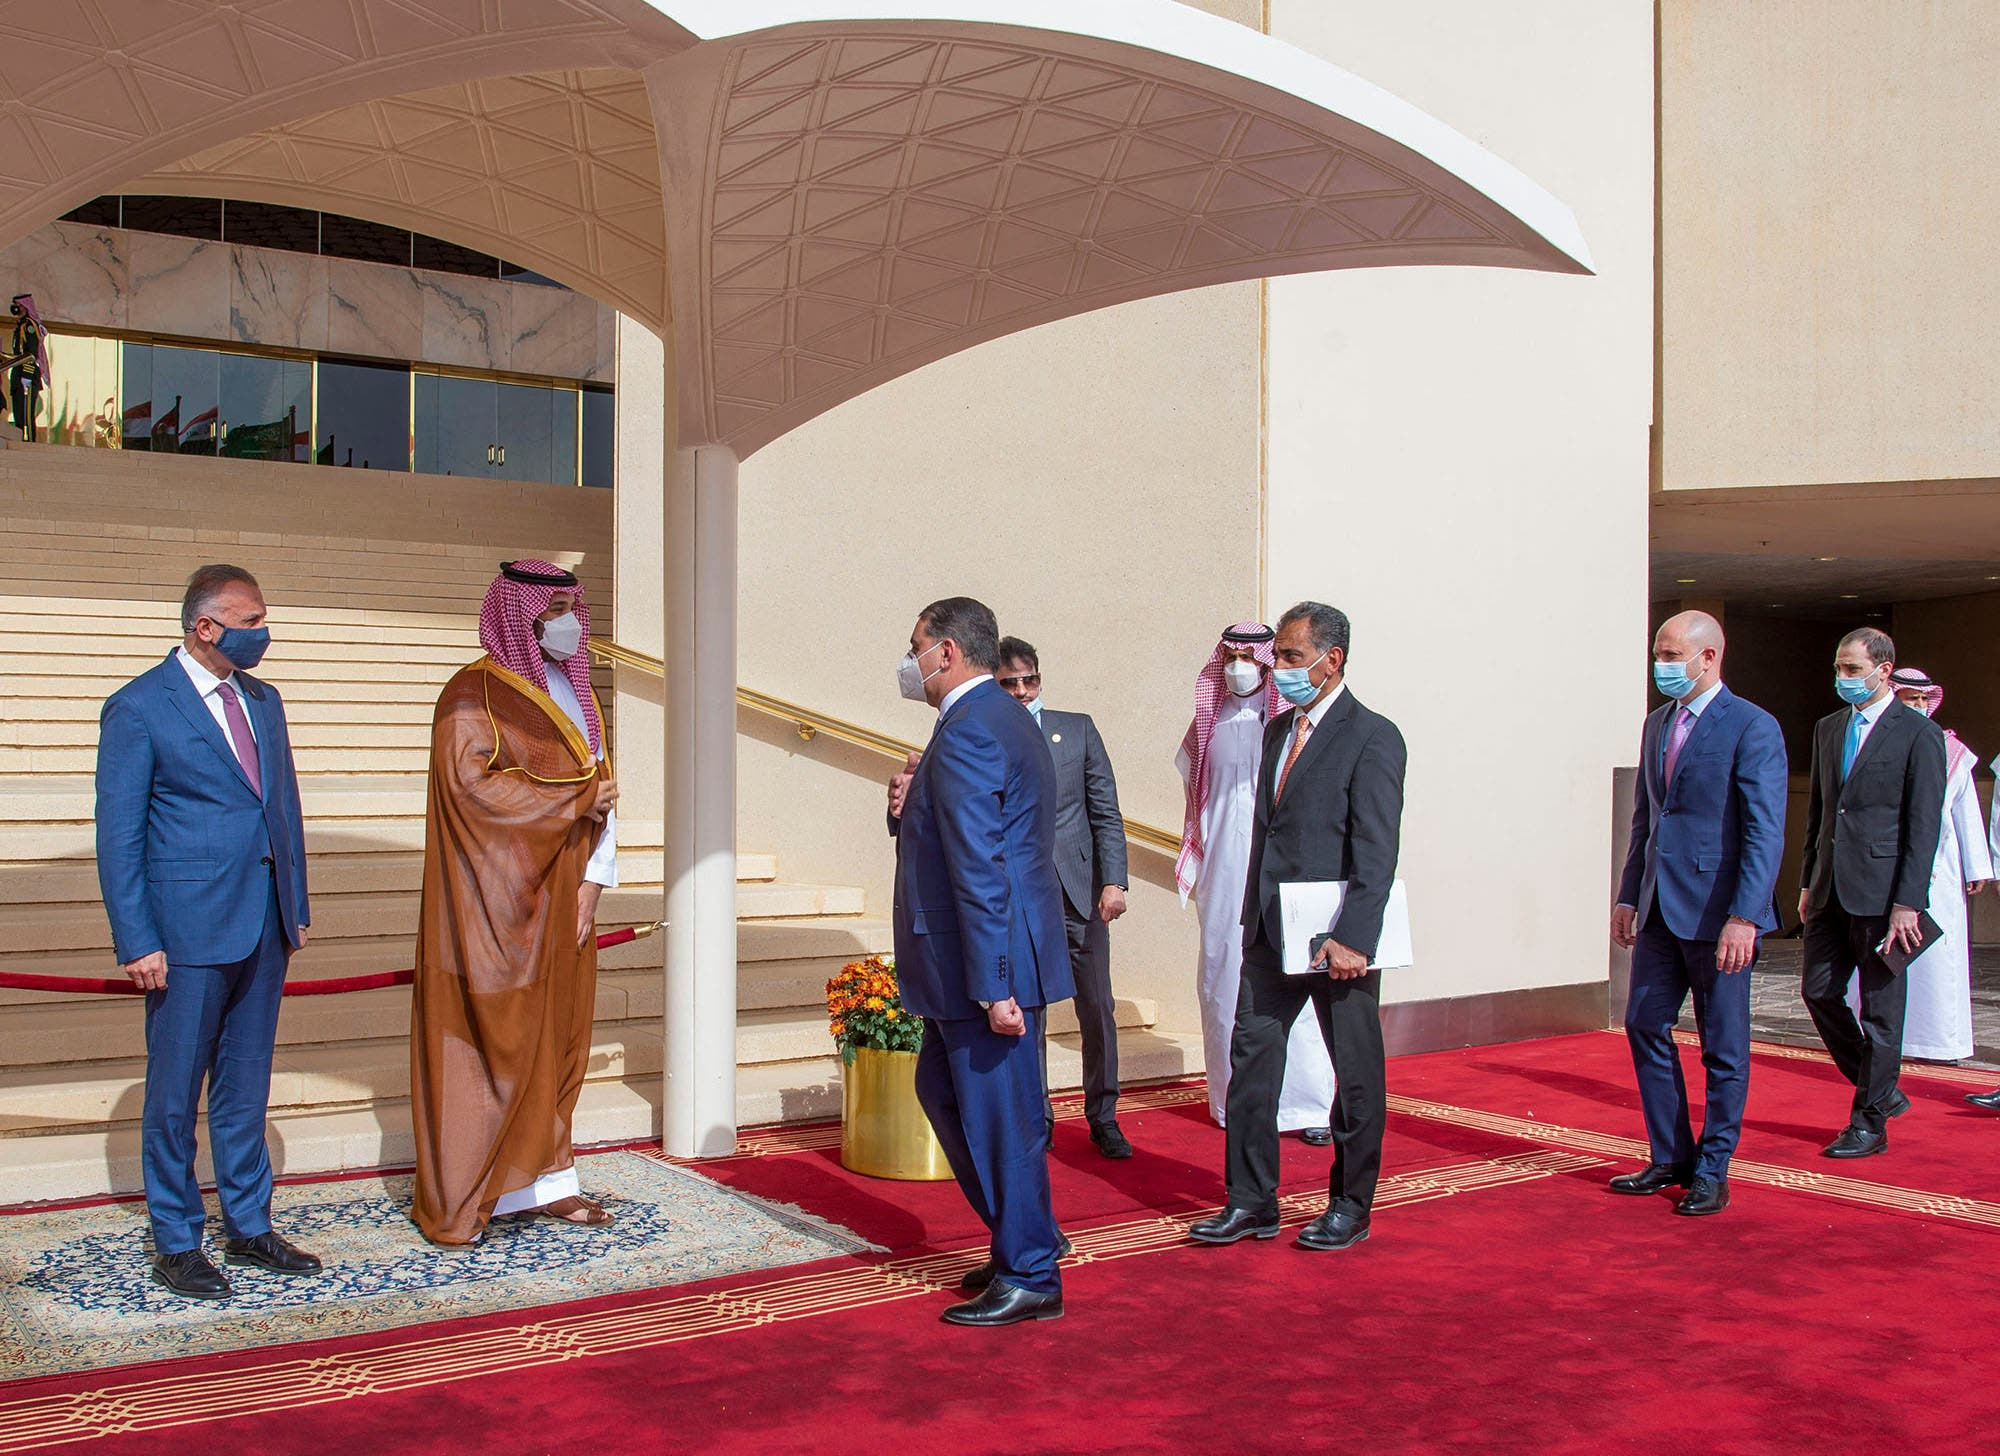 رد: ولي العهد ورئيس الوزراء العراقي يتفقان على تأسيس صندوق مشترك بقيمة 3 مل